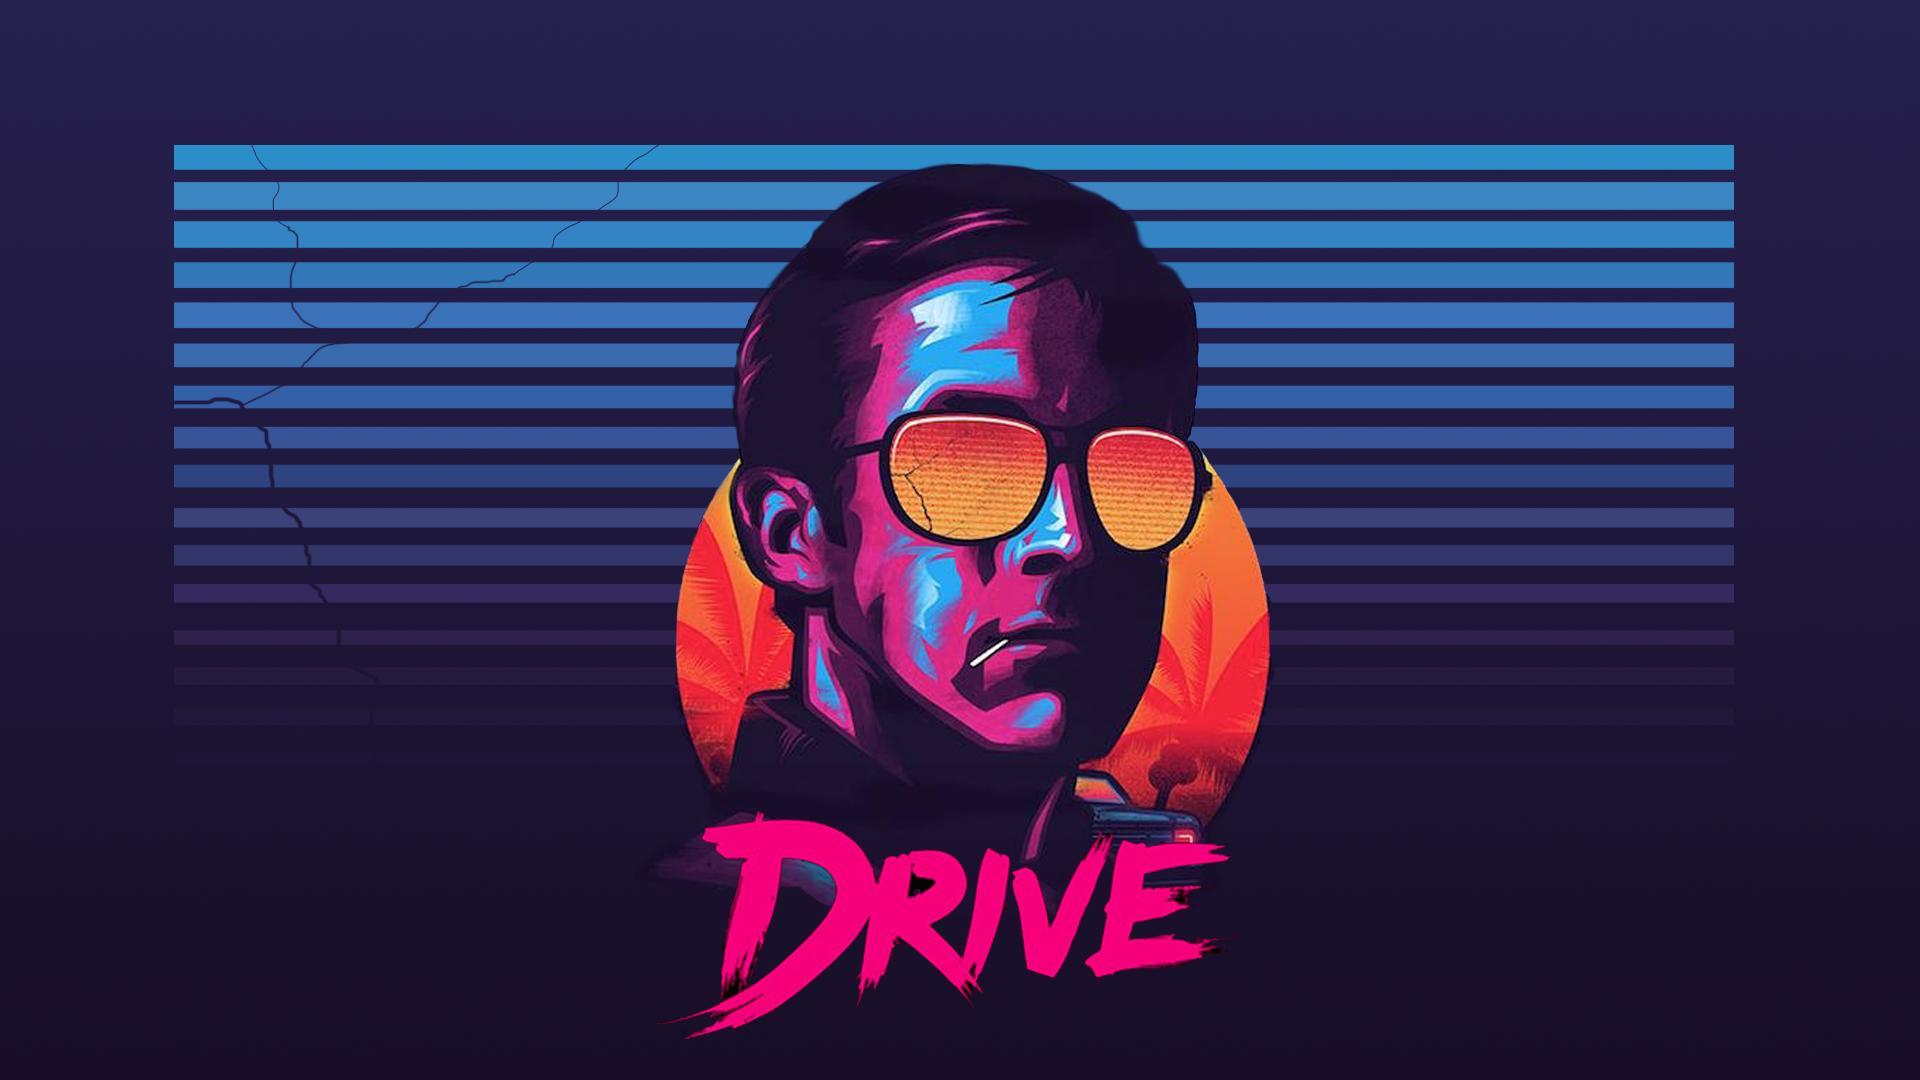 Drive In Theater Wallpaper Wallpapersafari